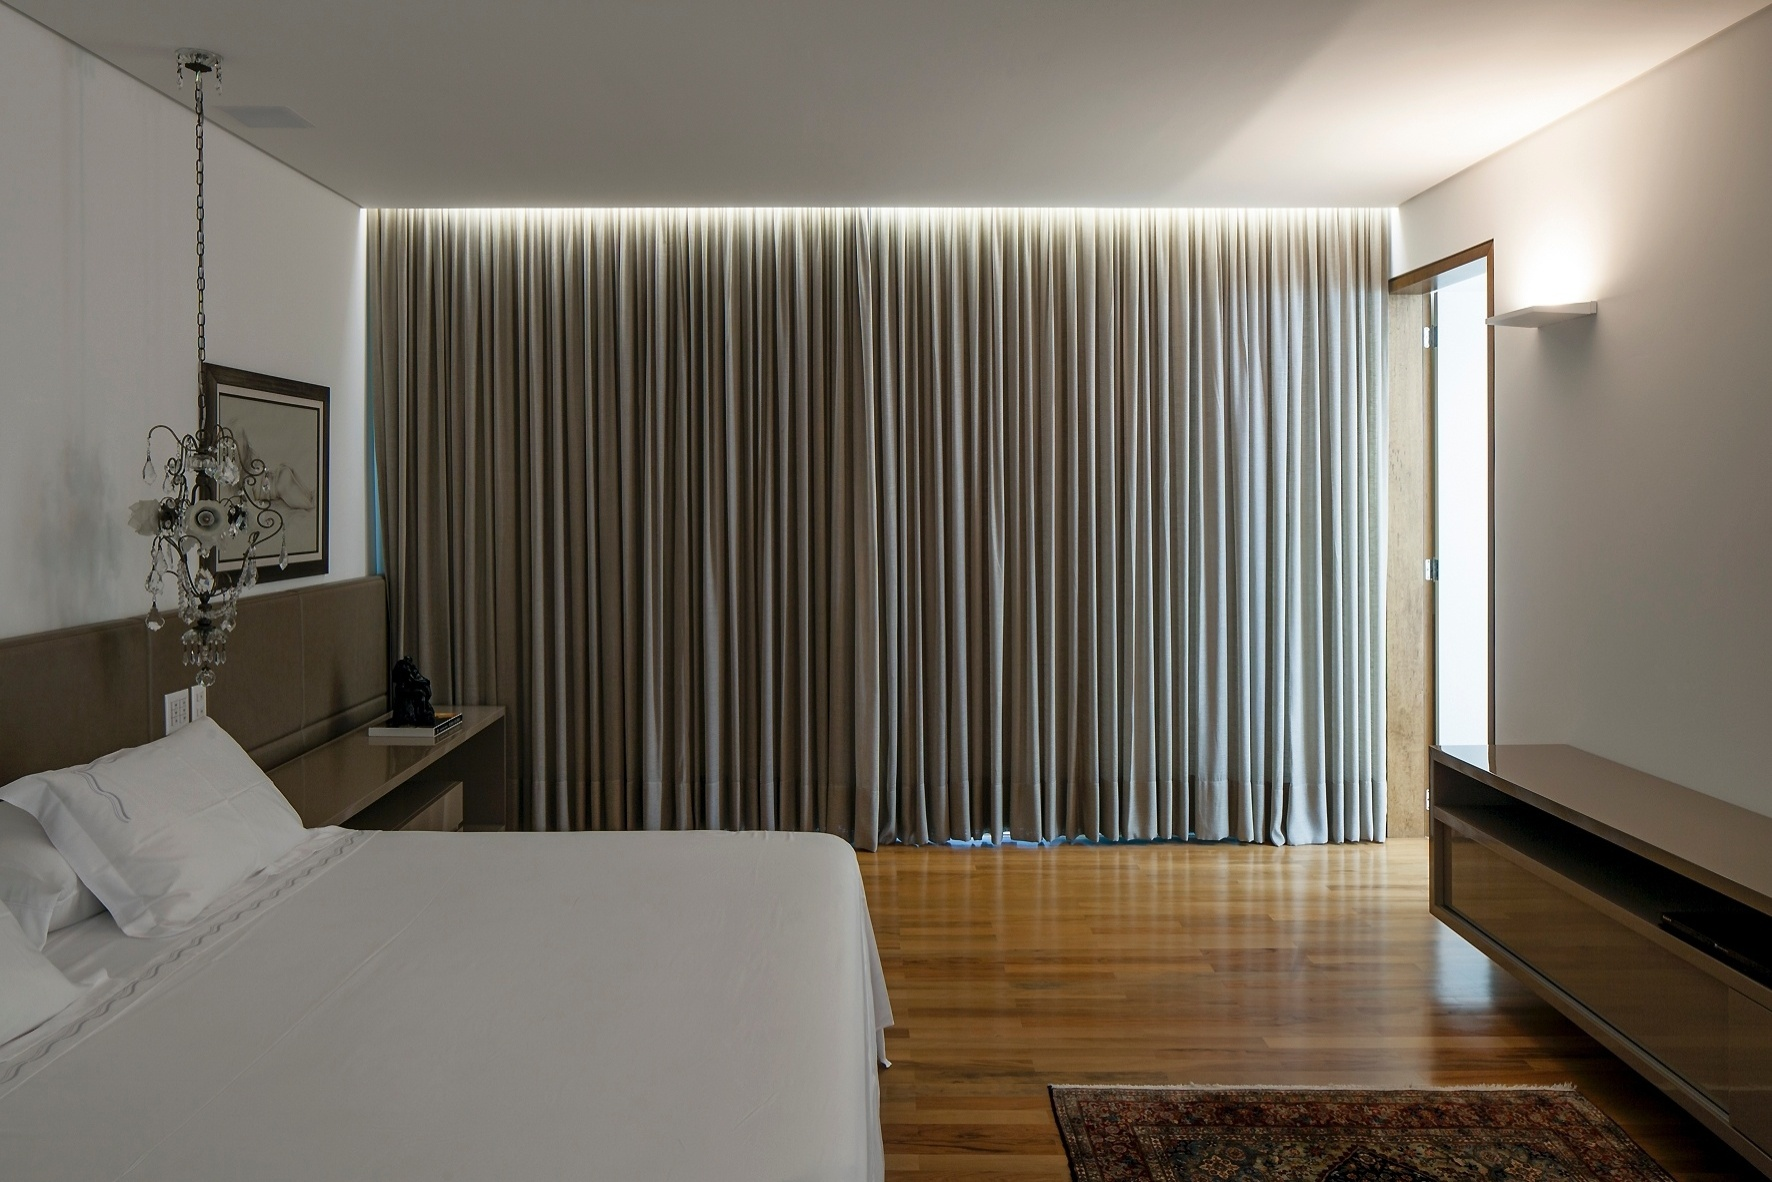 A atmosfera suave e intimista invade o dormitório do casal que tem cabeceira ocupando toda a extensão da parede, assim como a bancada em frente à cama